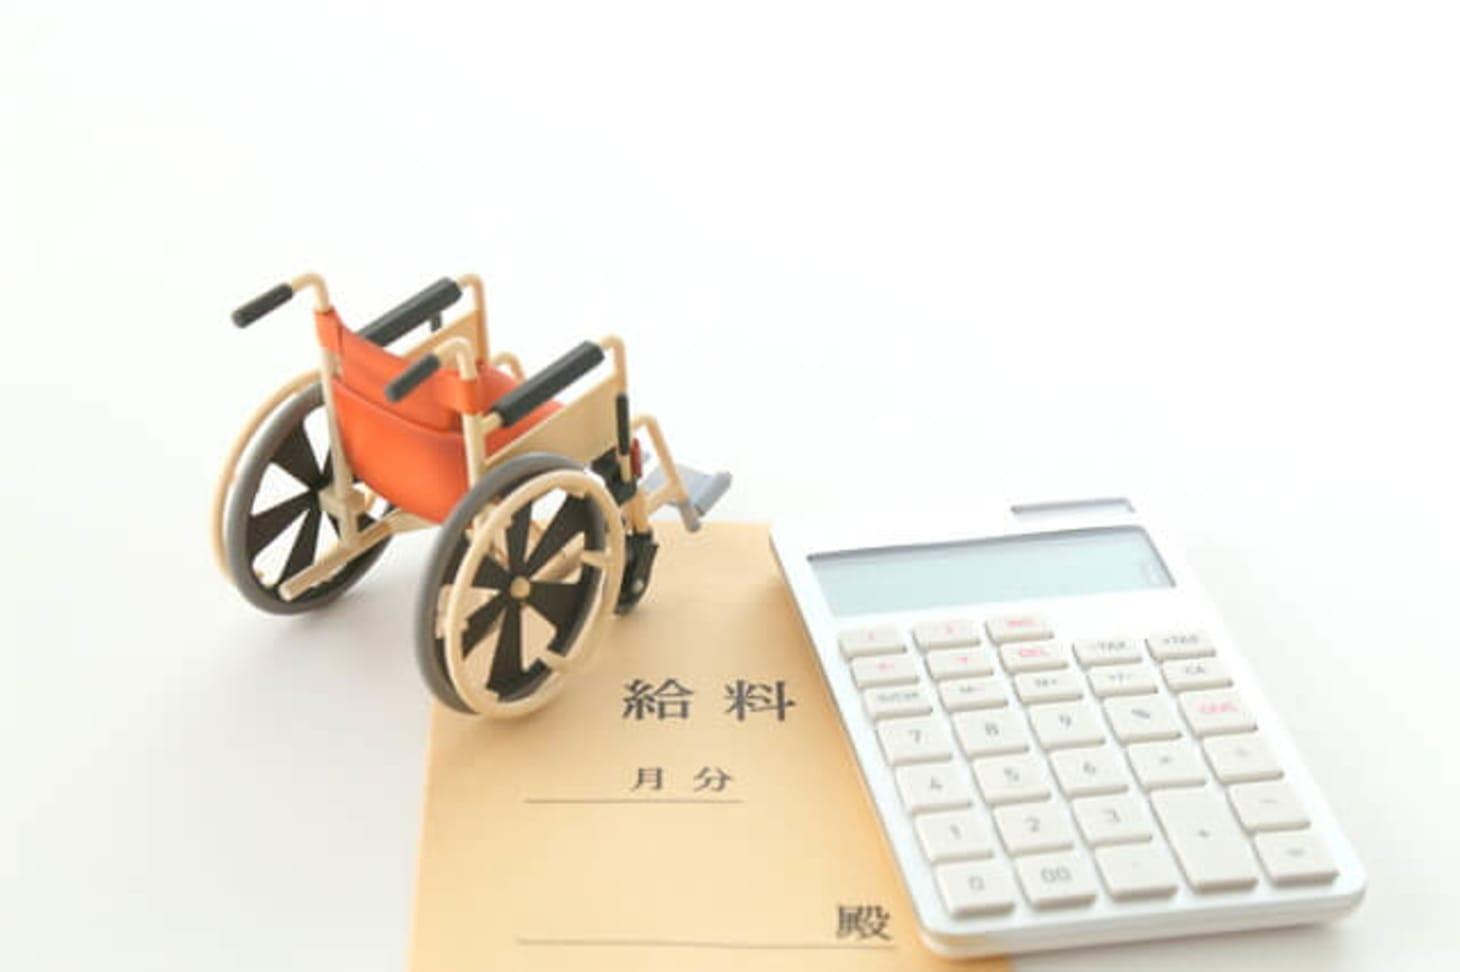 訪問介護の給料・年収はどれくらい?給料アップするには?